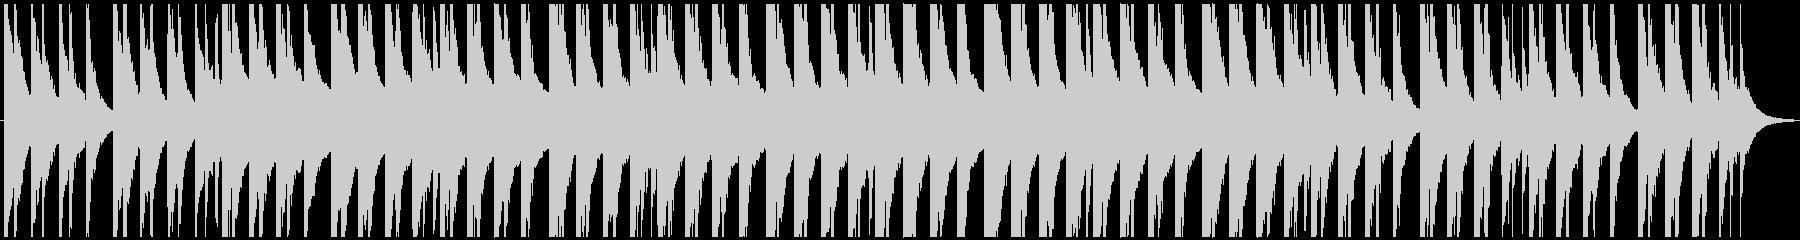 ピアノのバラード系BGMの未再生の波形